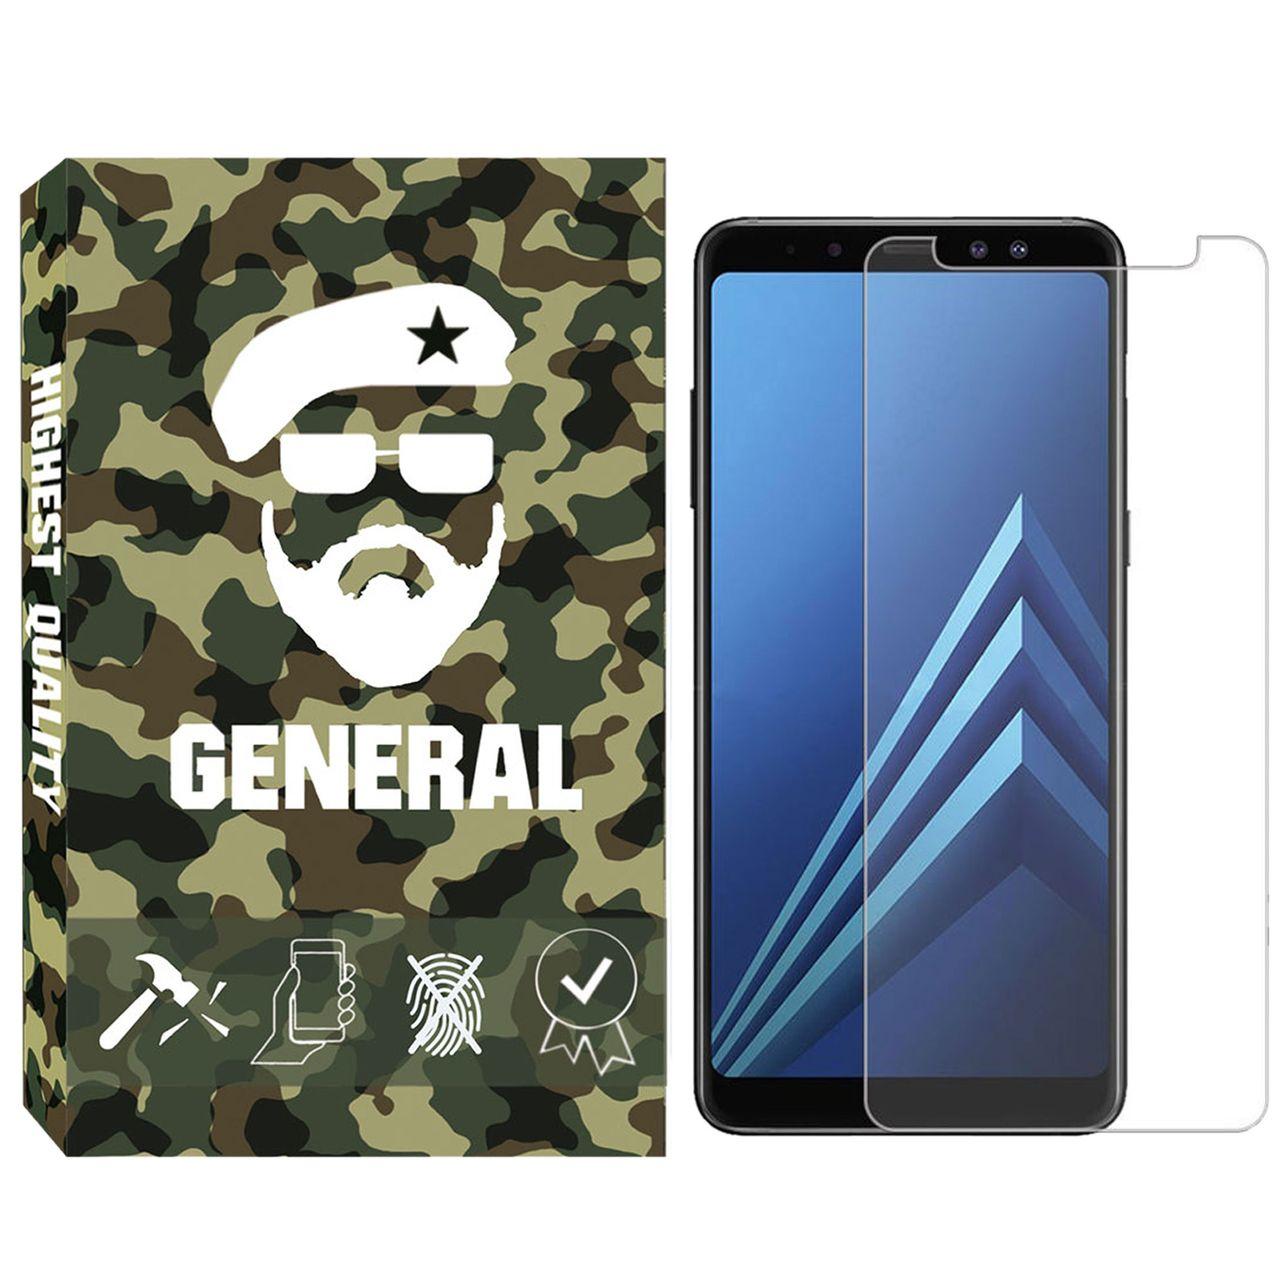 محافظ صفحه نمایش ژنرال مدل GN-01 مناسب برای گوشی موبایل سامسونگ Galaxy A7 2018